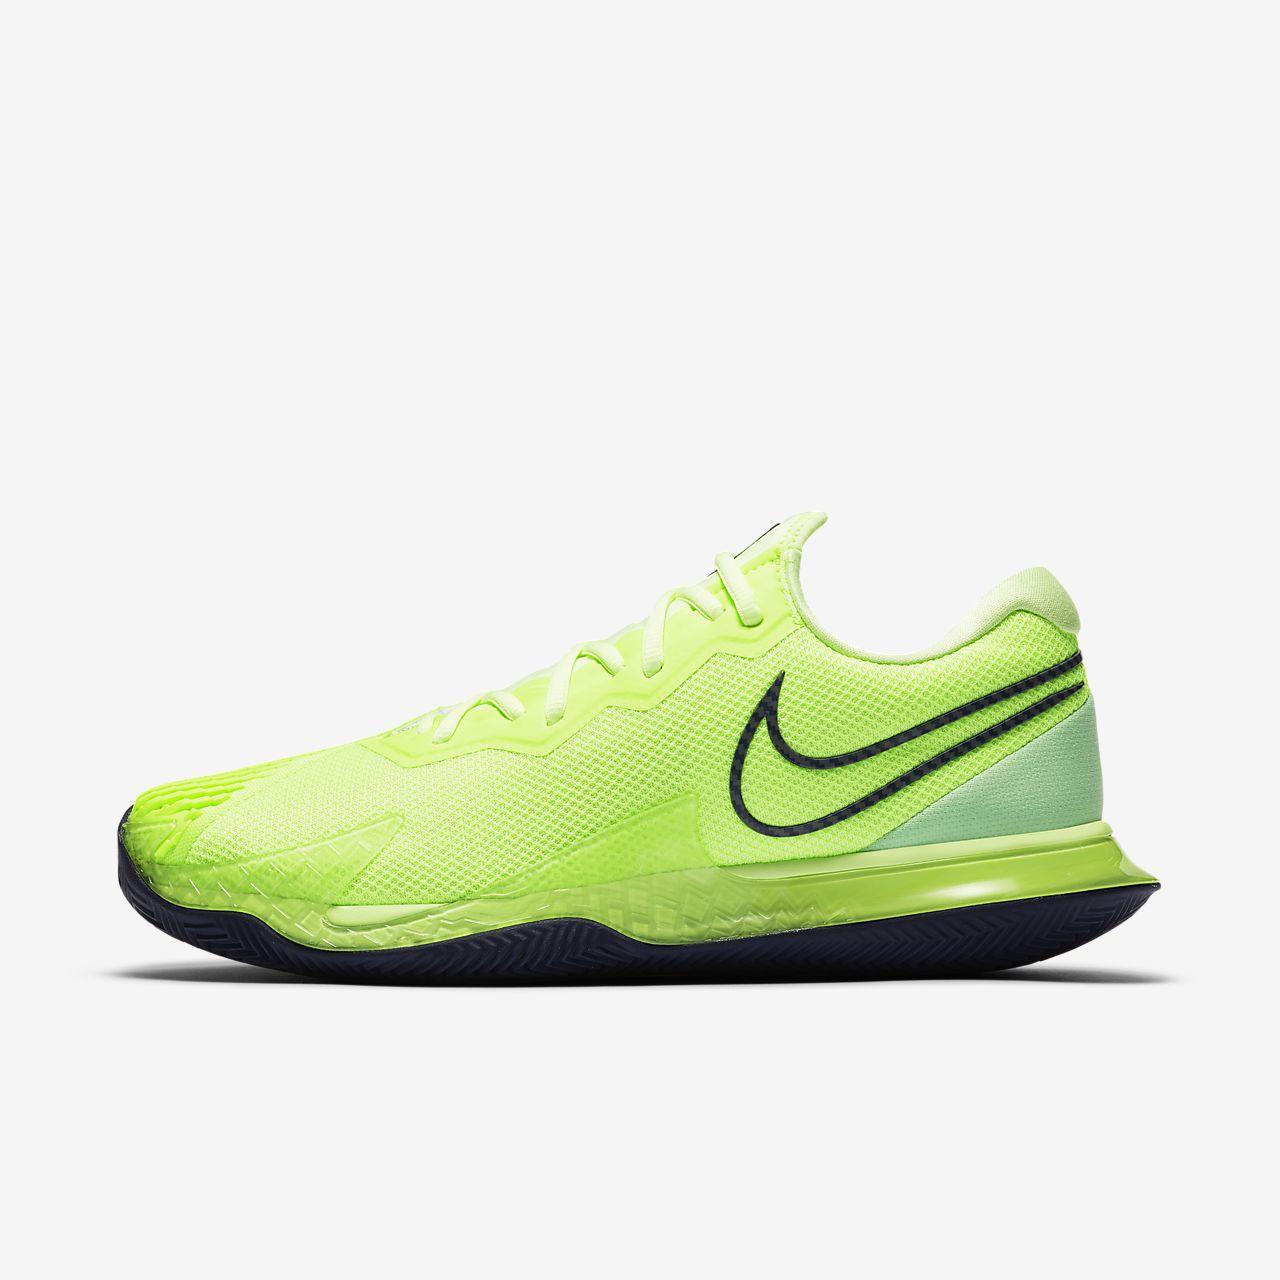 Мужские теннисные кроссовки для грунтовых кортов NikeCourt Air Zoom Vapor Cage 4